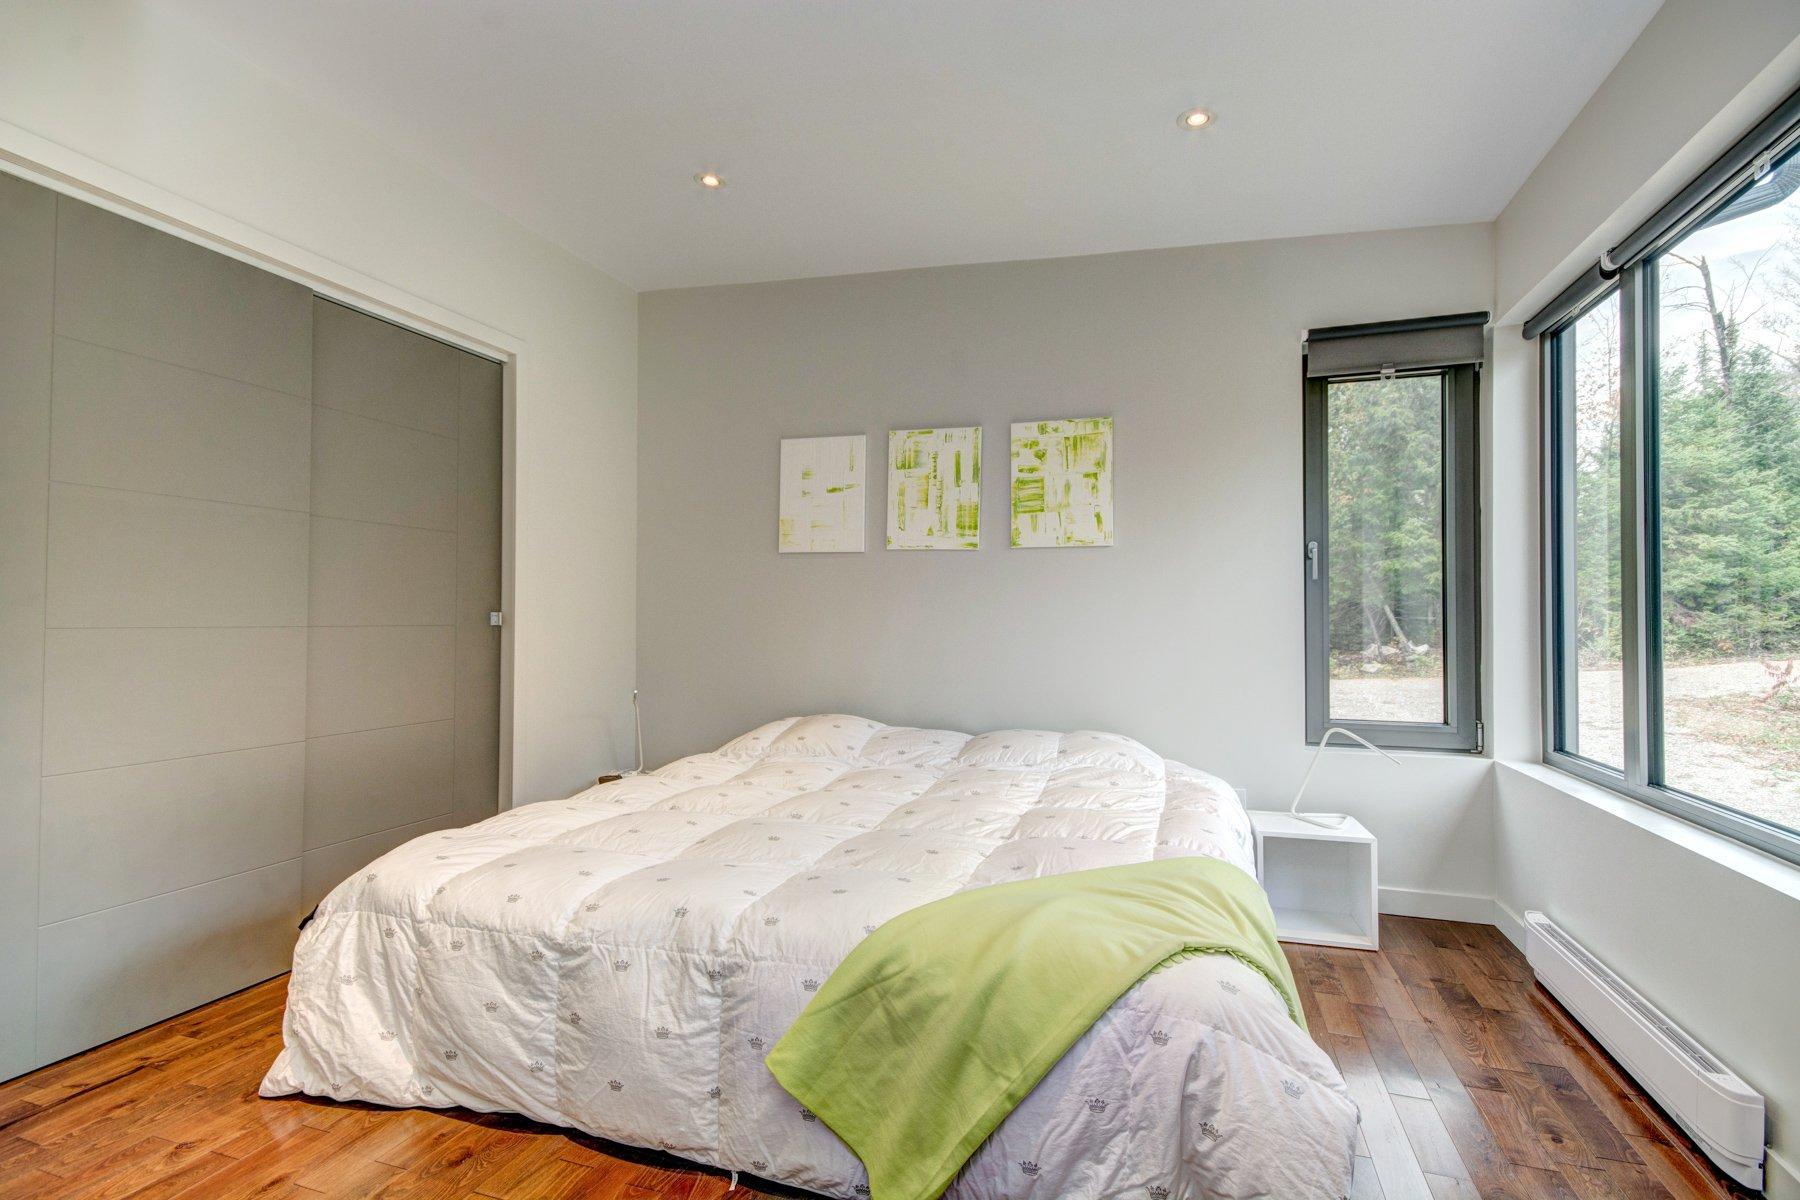 Дизайн спальни 18 кв м в доме